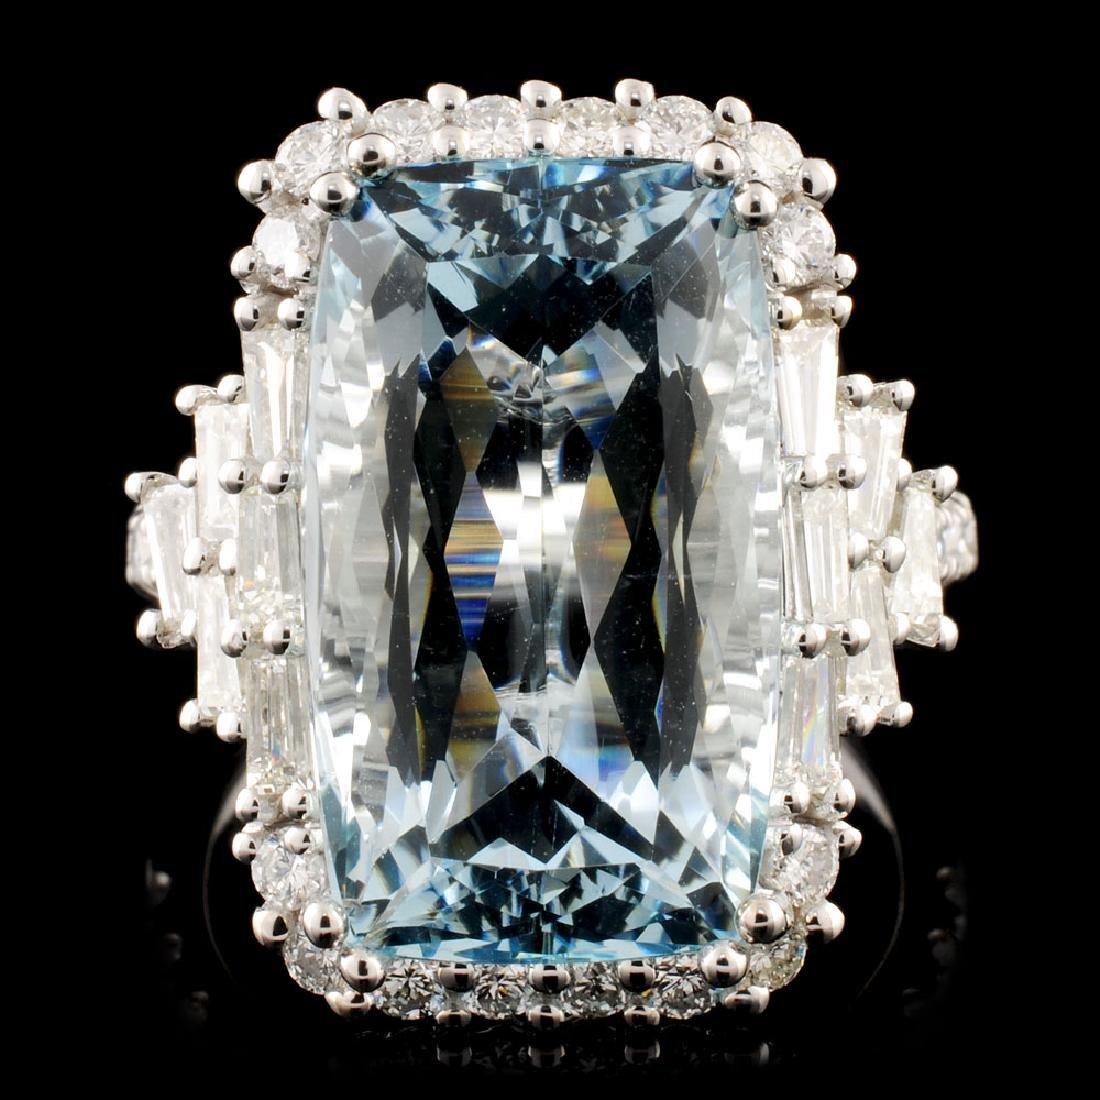 18K Gold 11.09ct Aquamarine & 1.47ctw Diamond Ring